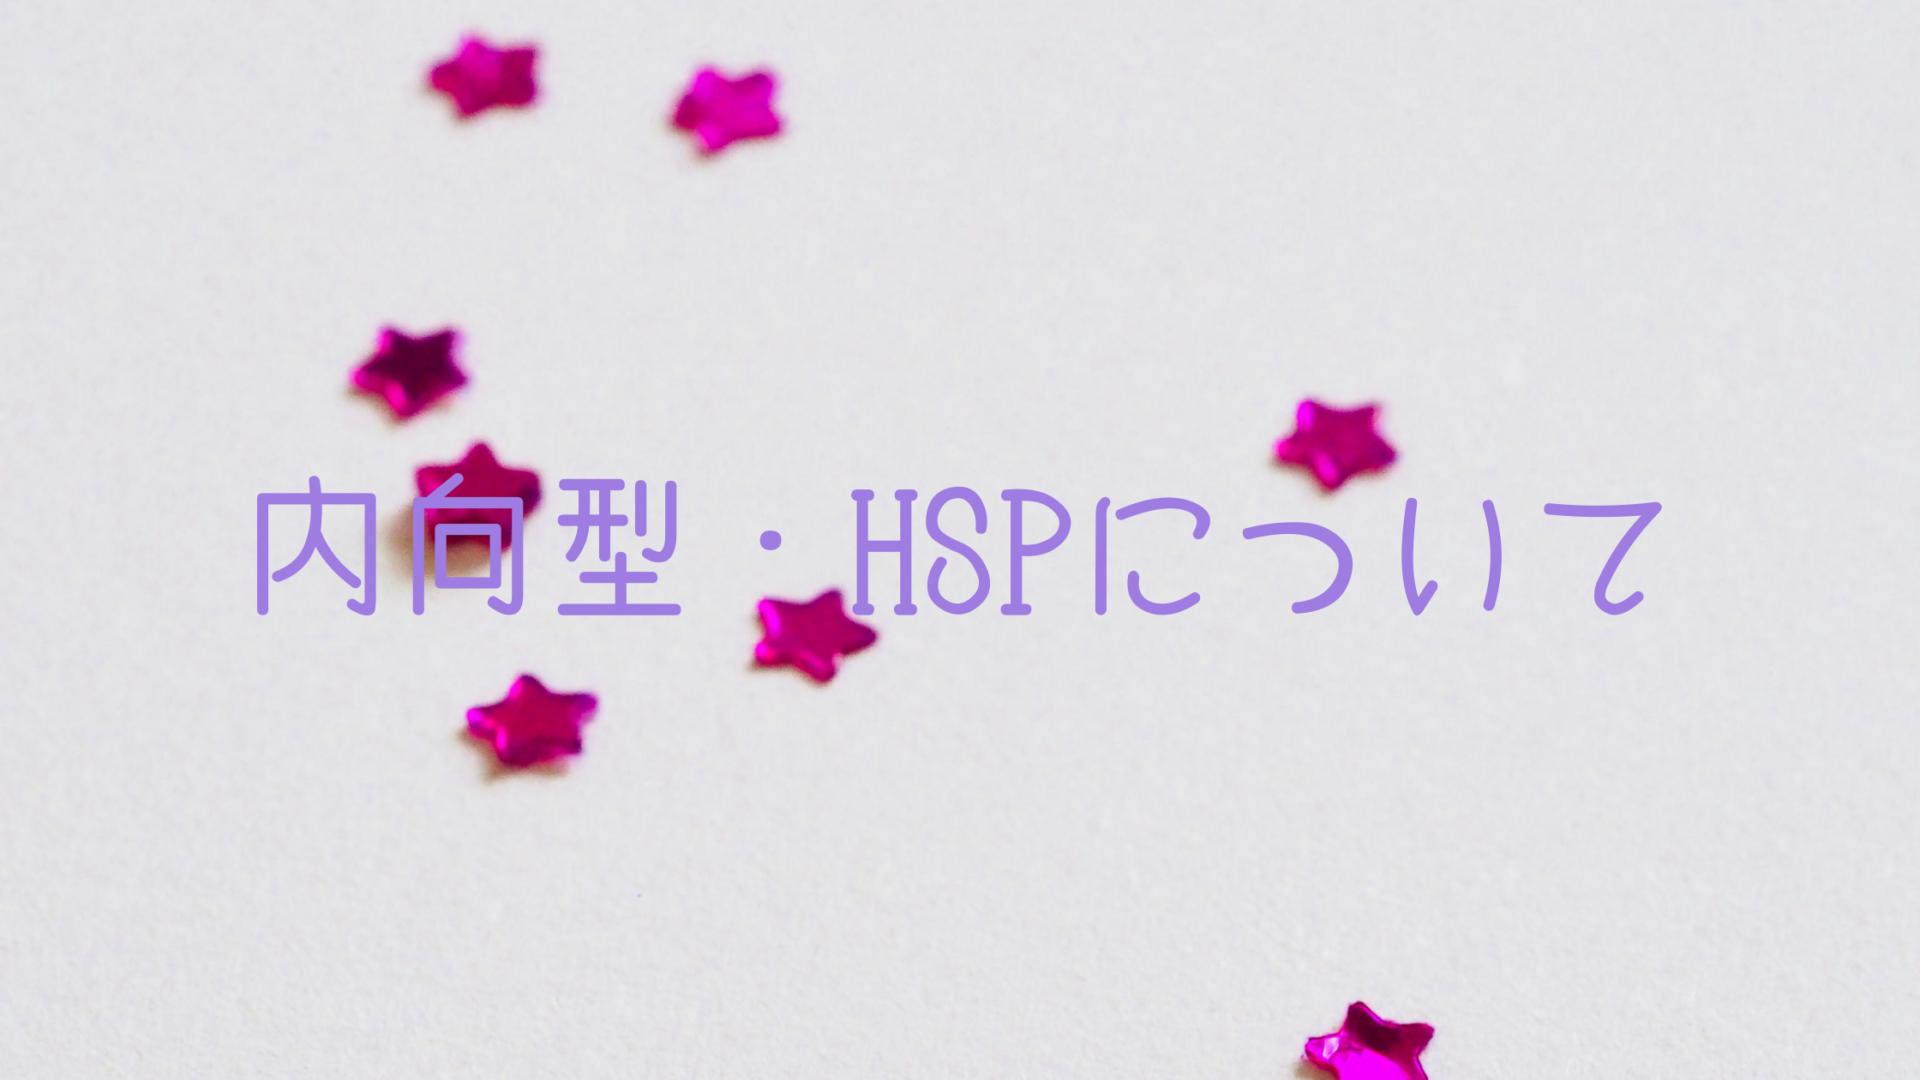 内向型・HSPについて (1)